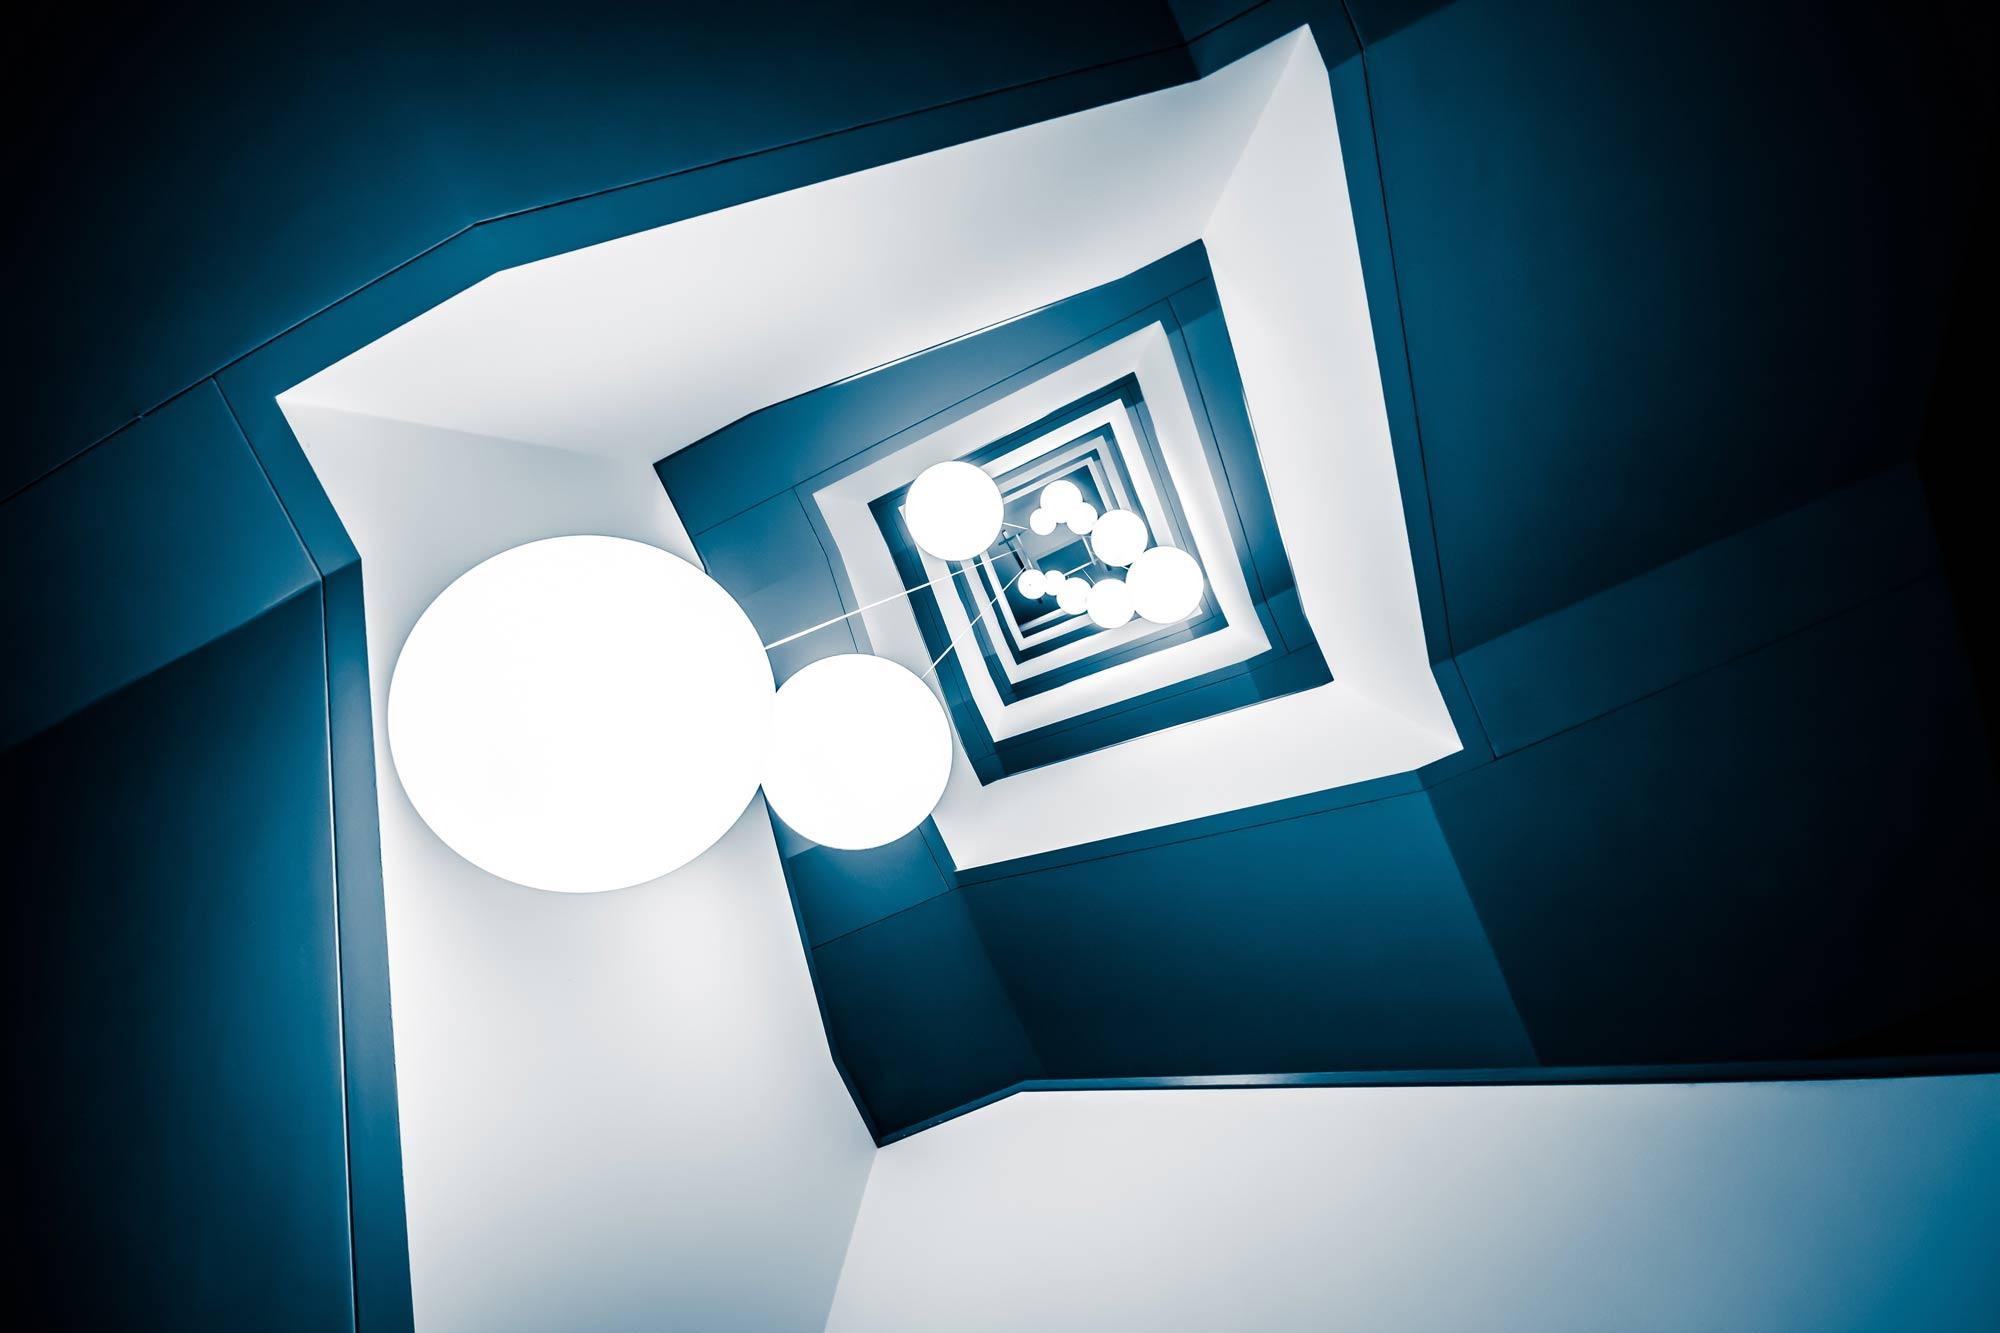 Platz Fünf Fotowettbewerb Blau